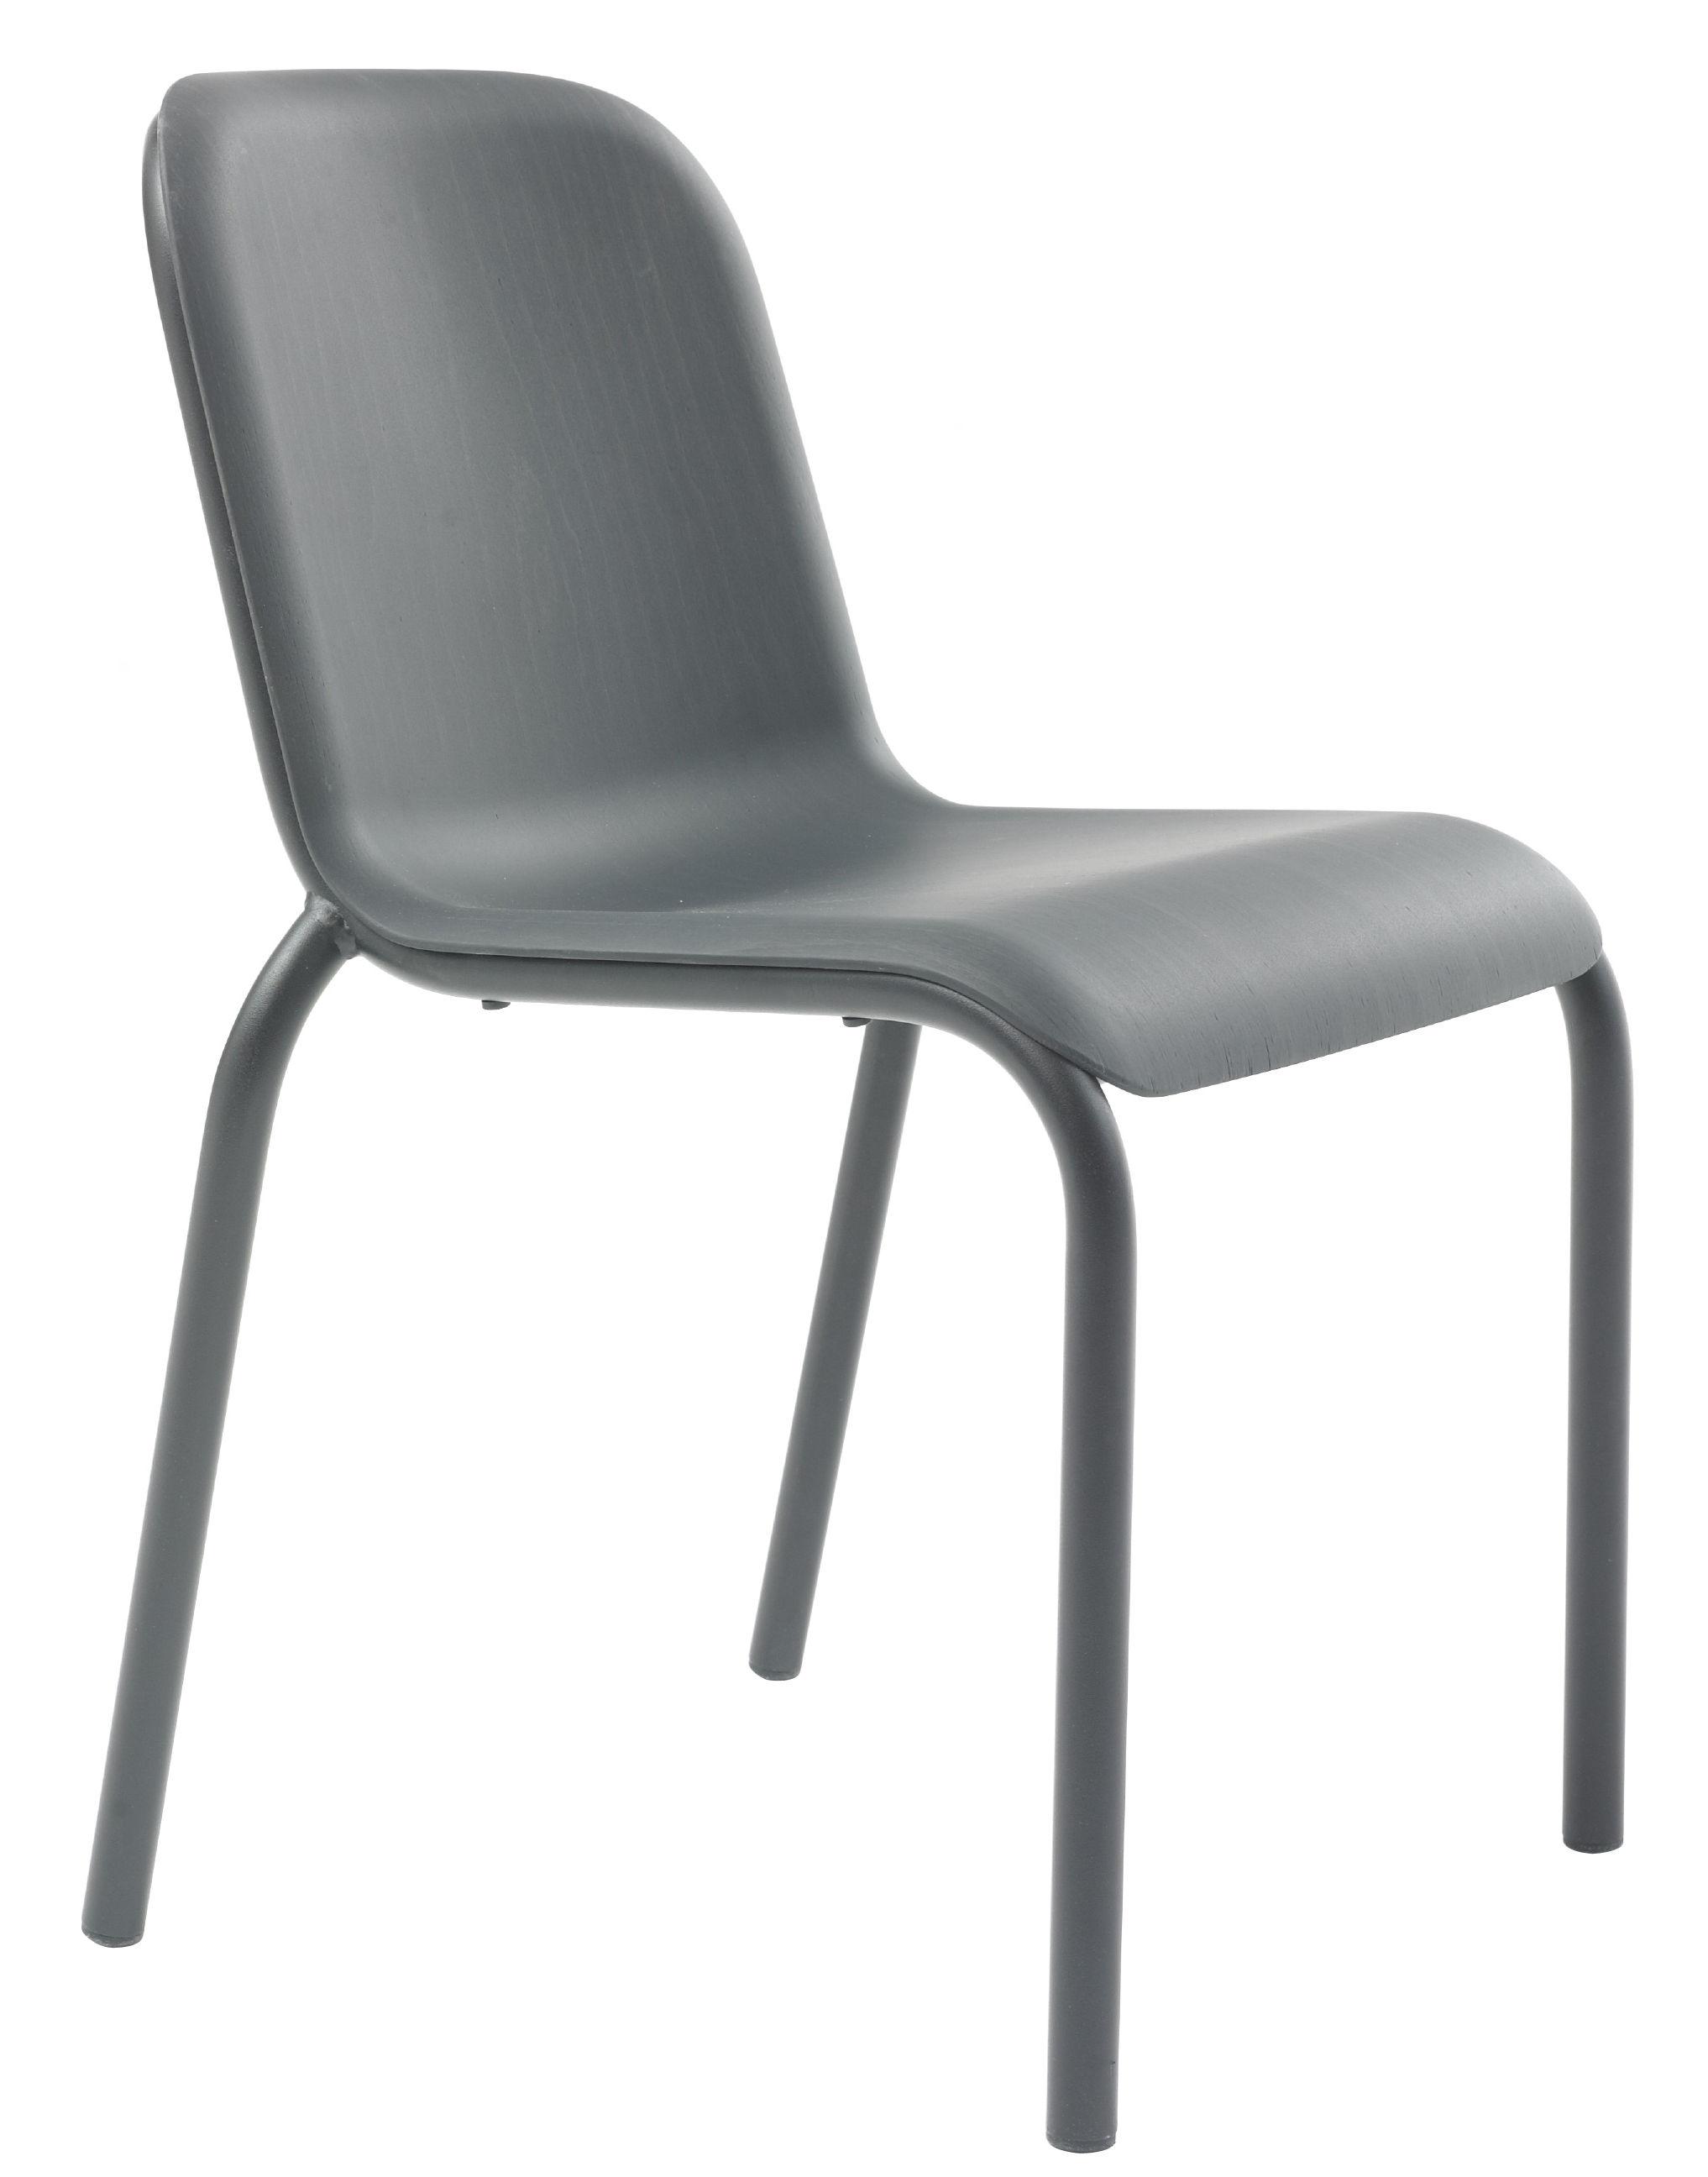 Mobilier - Chaises, fauteuils de salle à manger - Chaise empilable Buzz / Bois teinté - Arco - Noir / Assise : gris foncé - Aluminium laqué, Placage de hêtre